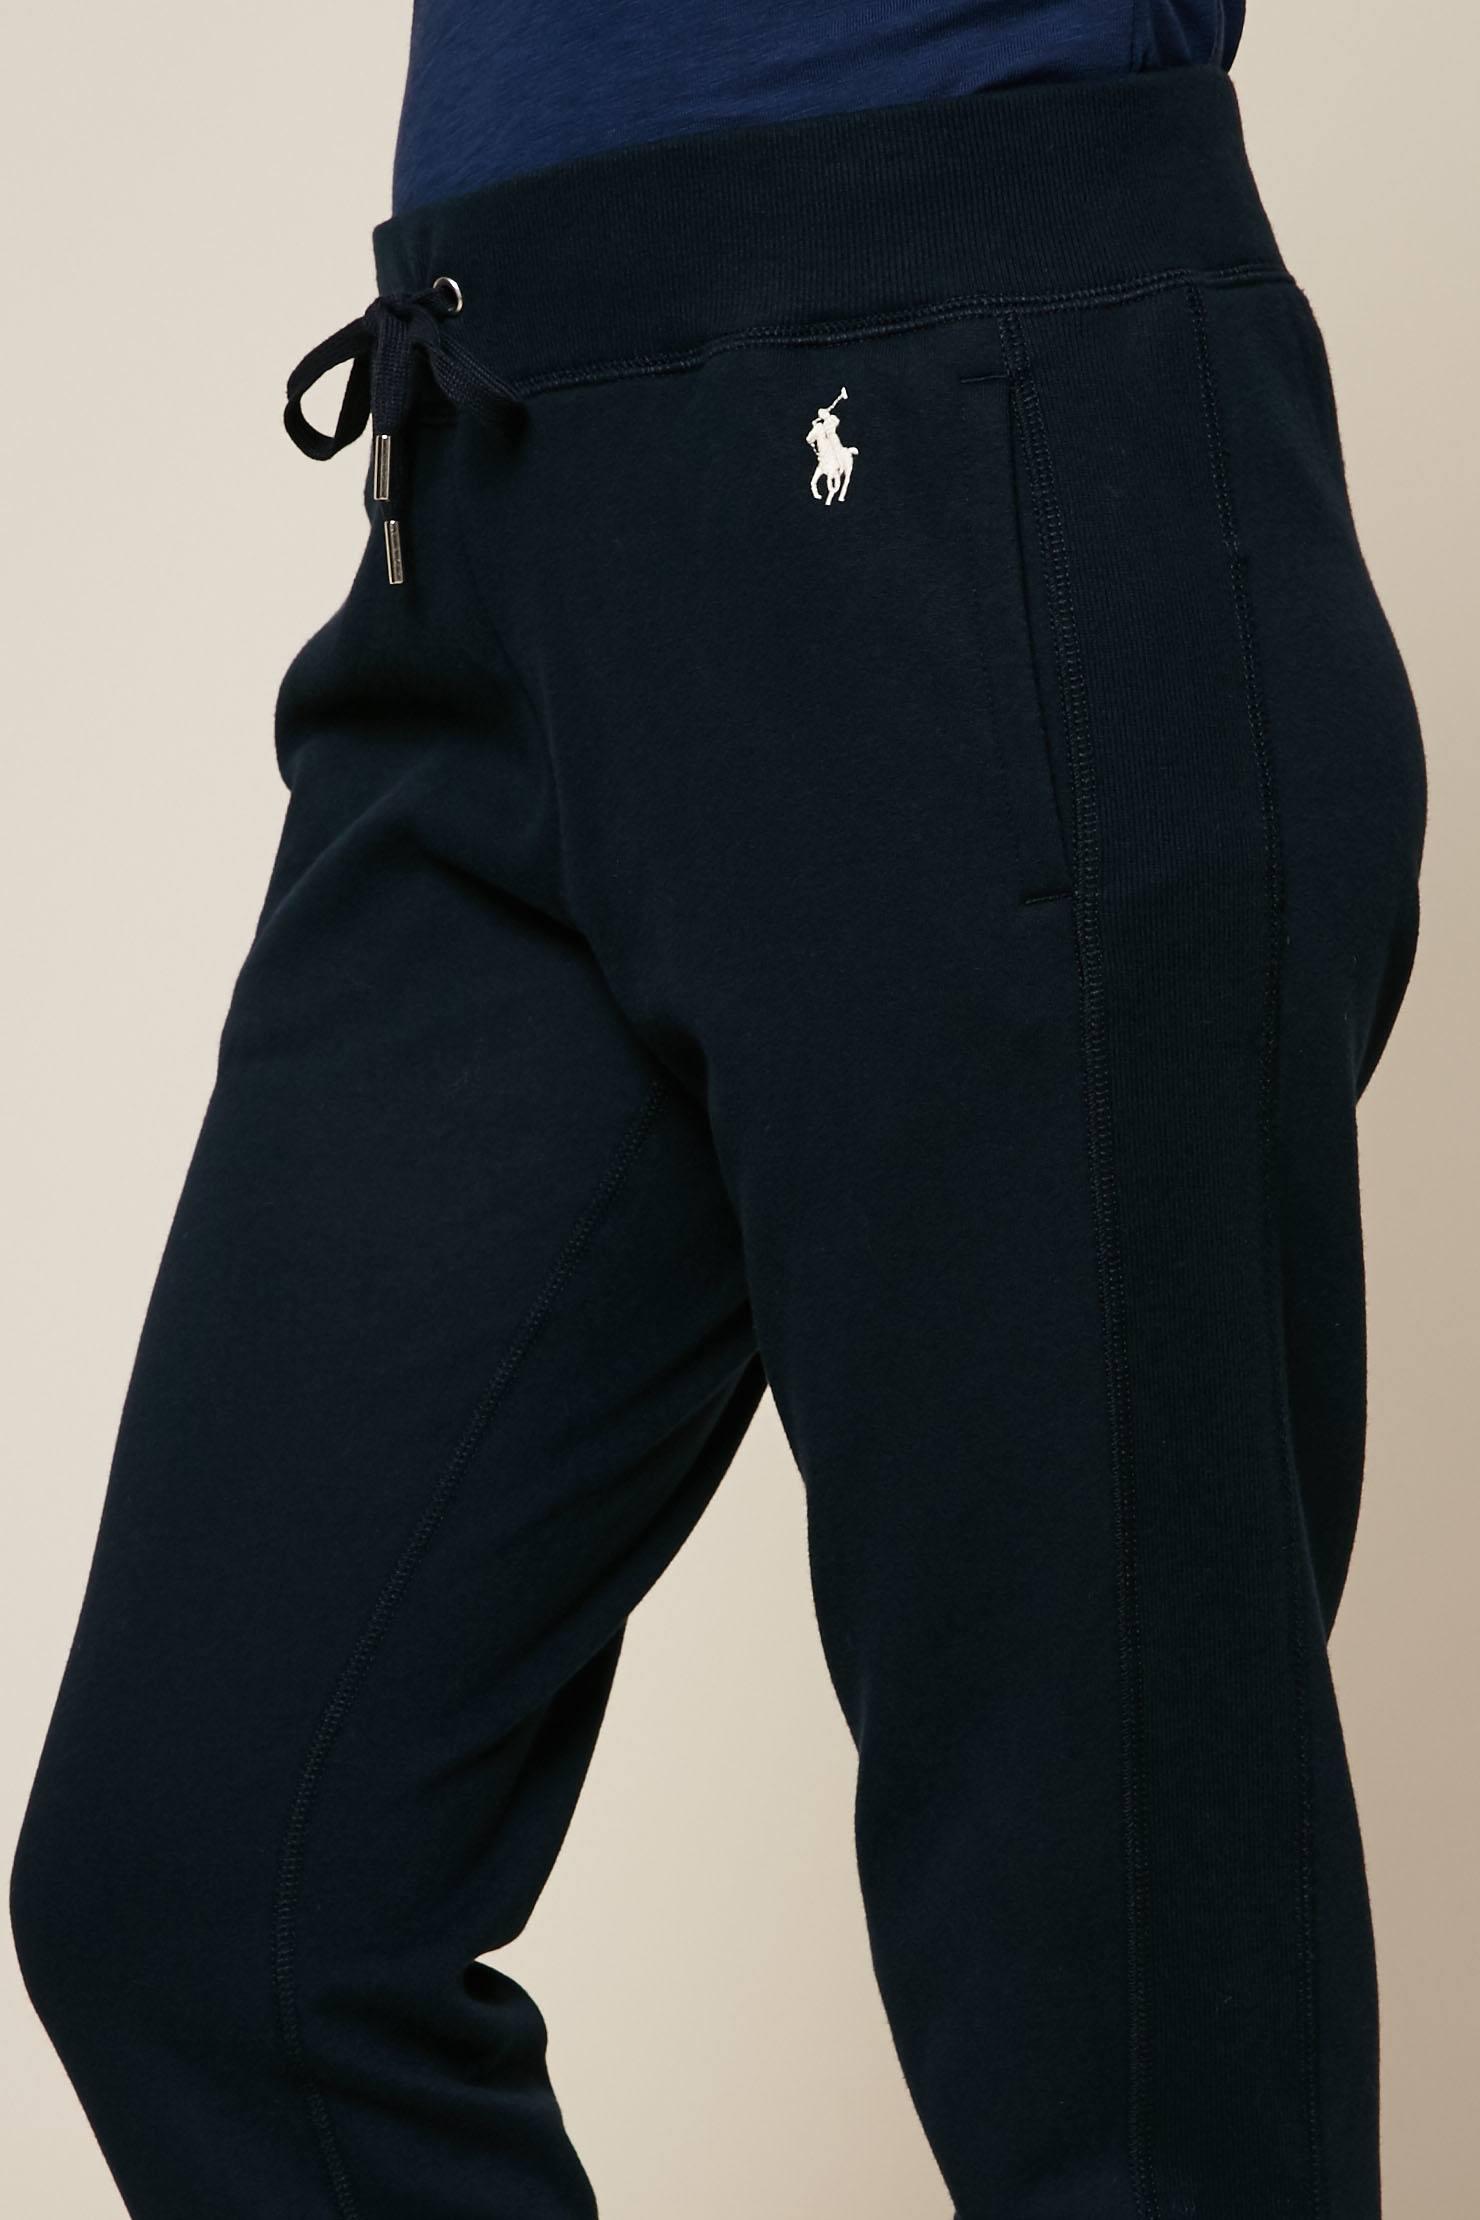 9622acf2f5d Polo Ralph Lauren Pantalon de jogging marine - Jogging Femme ...